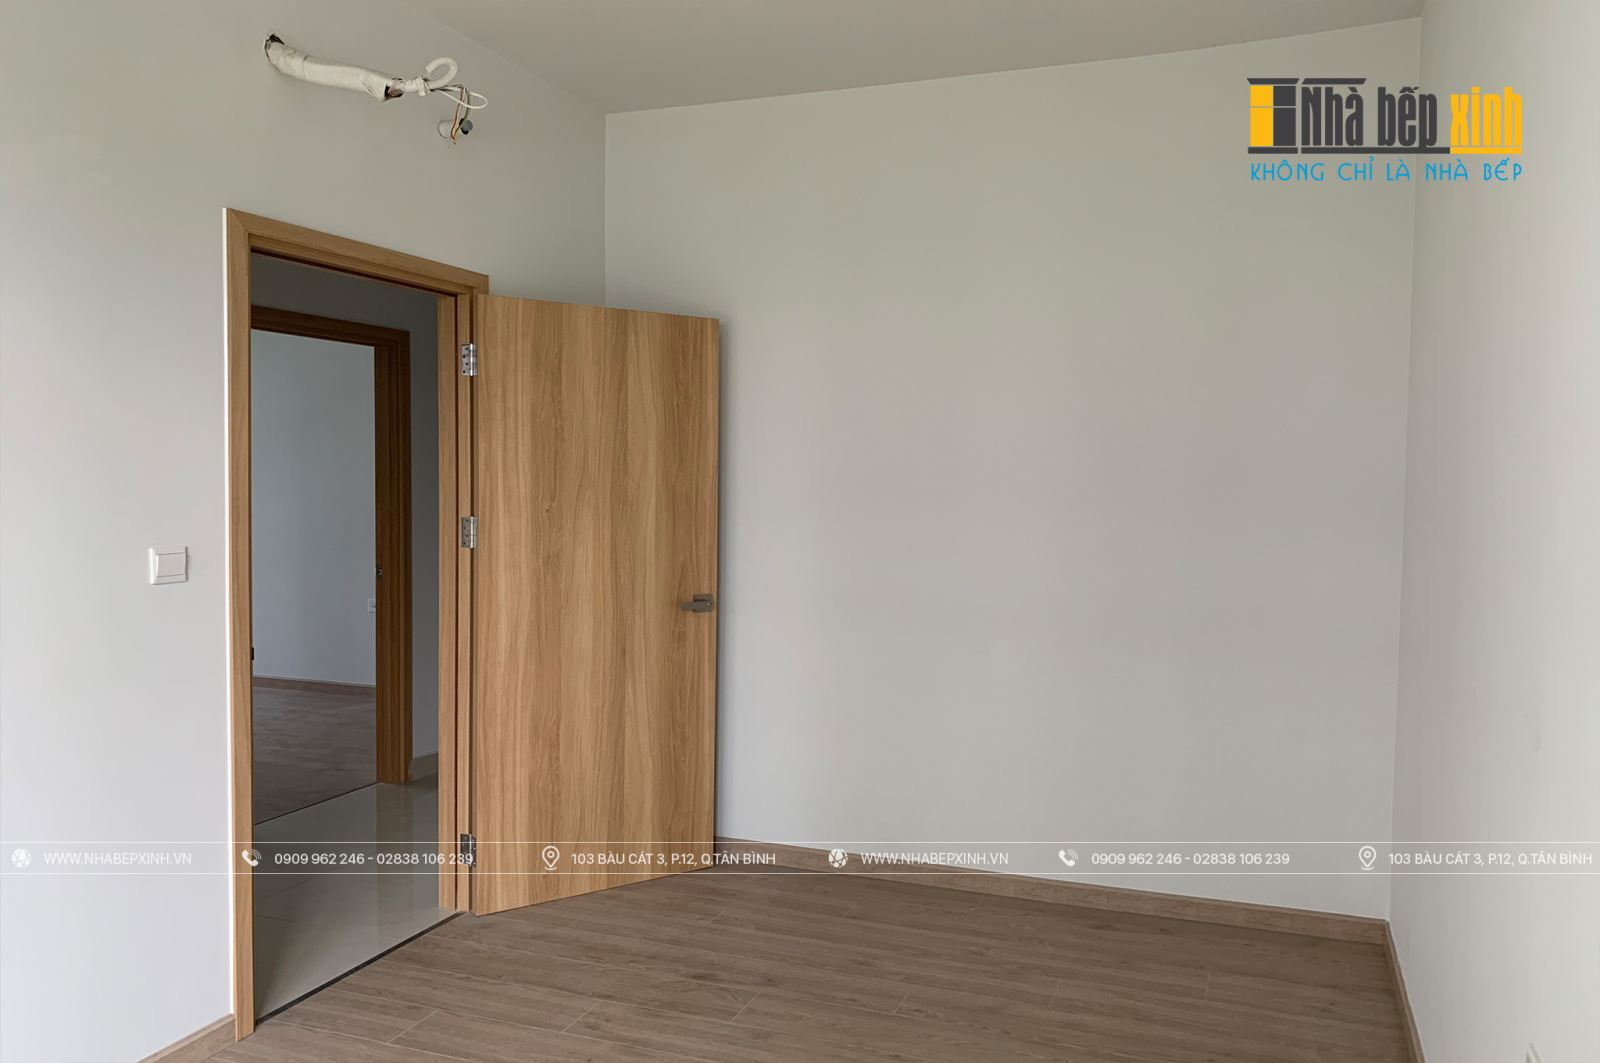 Nhà Bếp Xinh khảo sát lên thiết kế nội thất căn 104m2 Emerald Celadon City